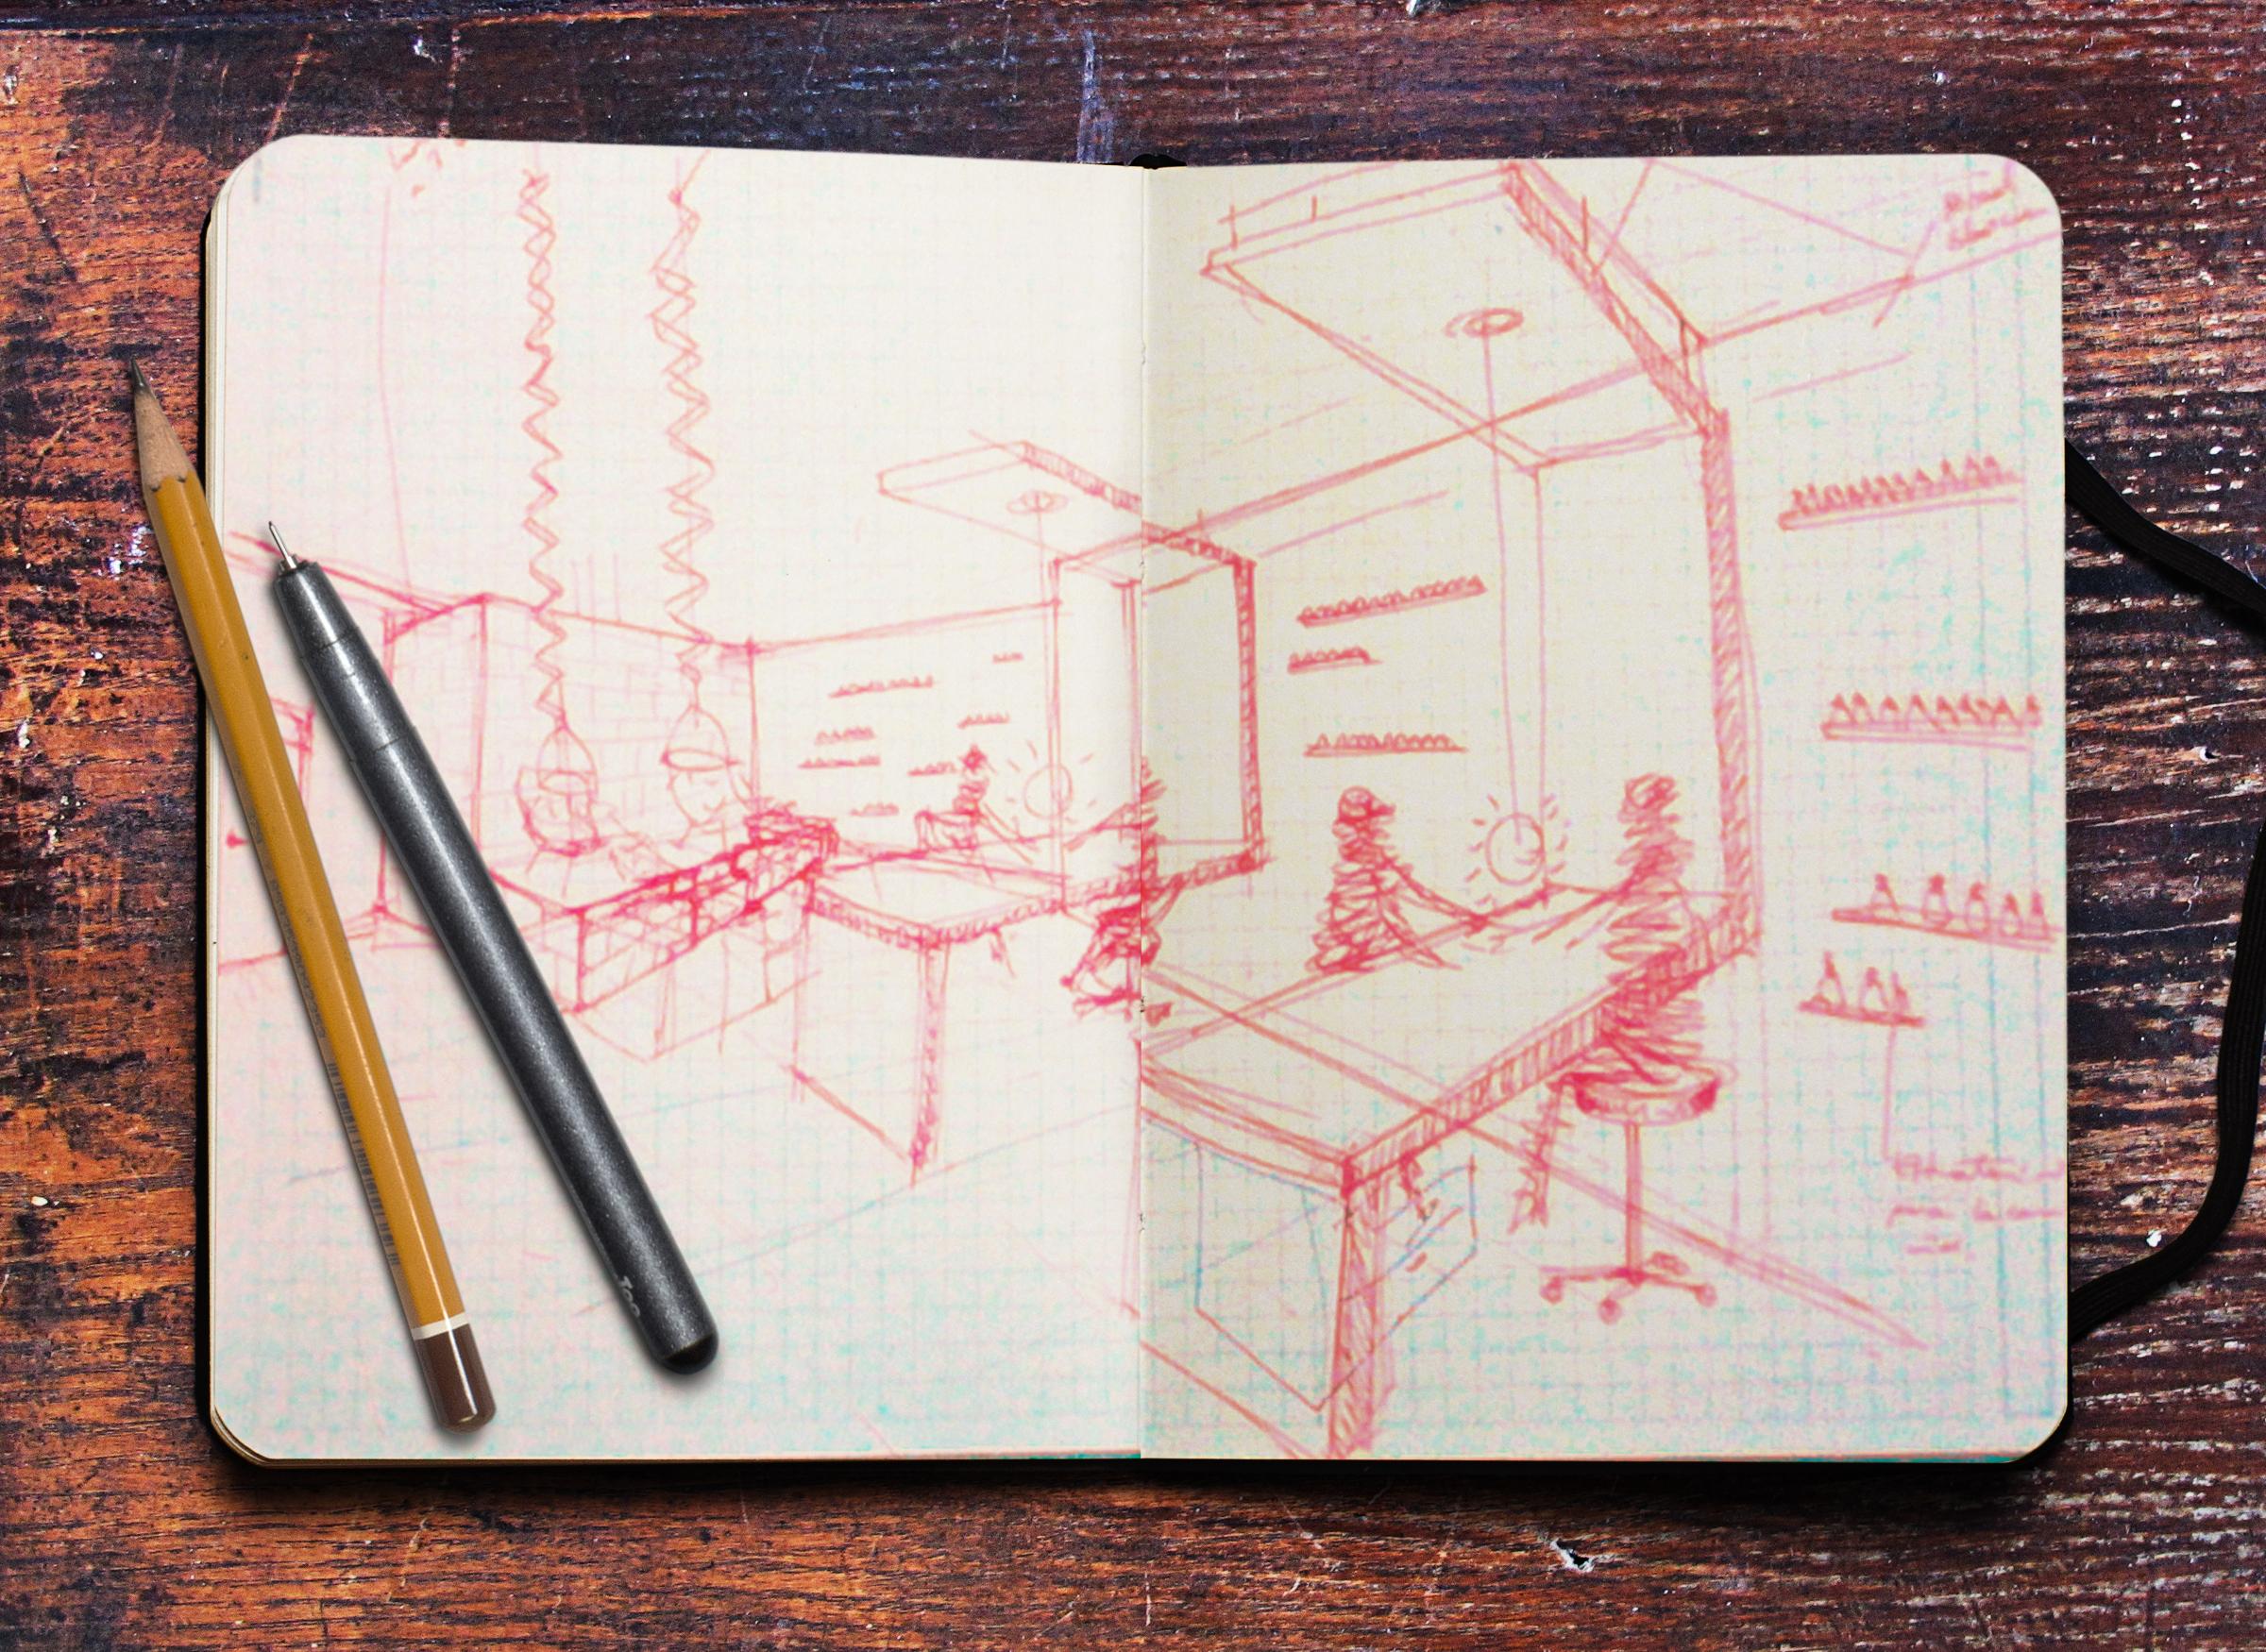 THE OFFICE_la manicureria10.jpg